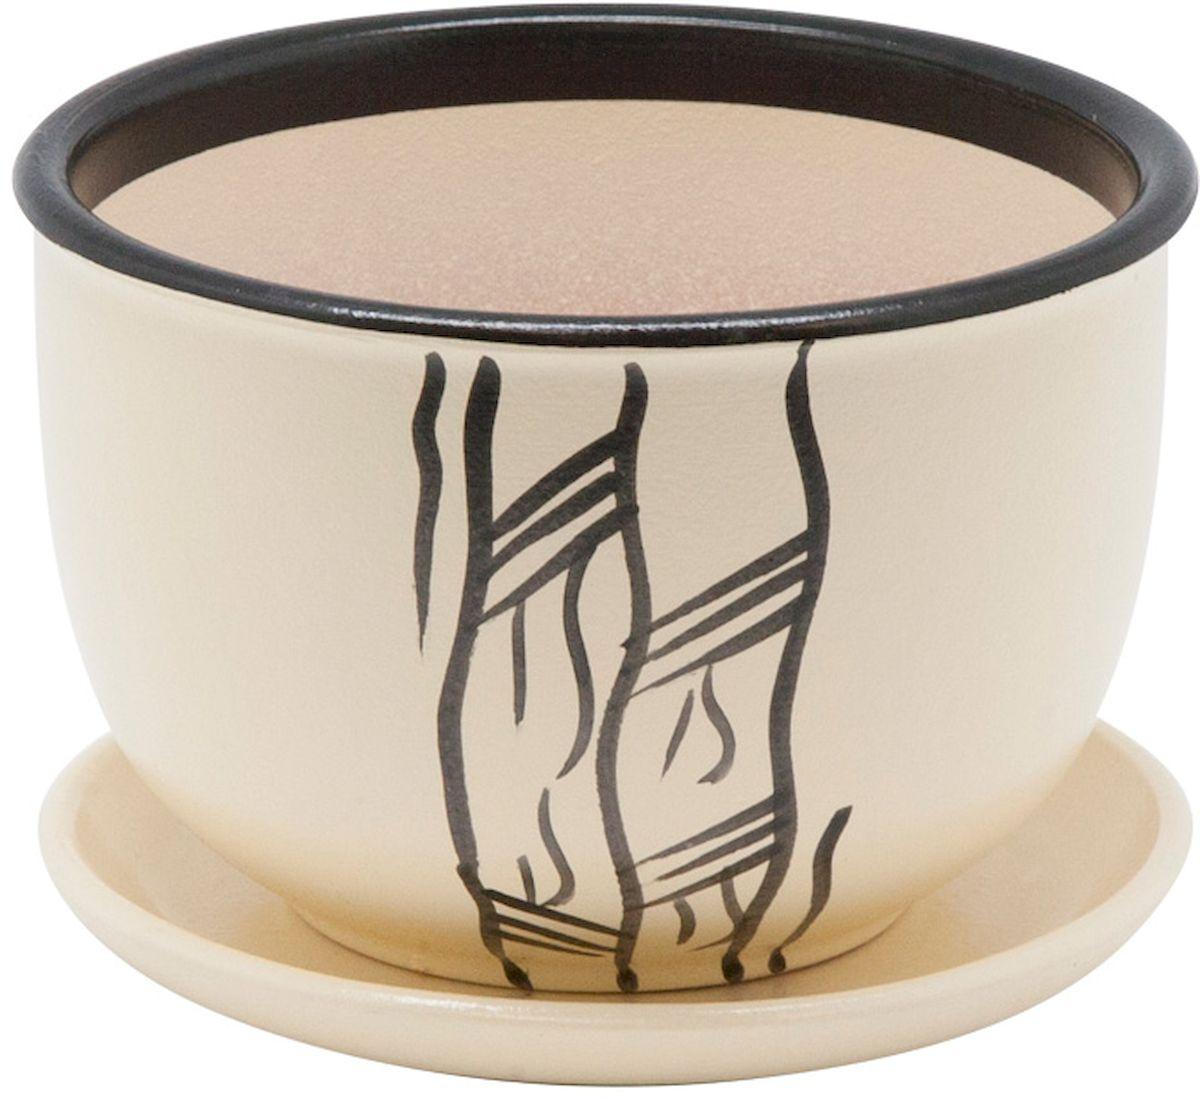 Горшок цветочный Engard, с поддоном, цвет: бежевый, 1,05 л531-401Керамический горшок - это идеальное решение для выращивания комнатных растений и создания изысканности в интерьере. Керамический горшок сделан из высококачественной глины в классической форме и оригинальном дизайне.